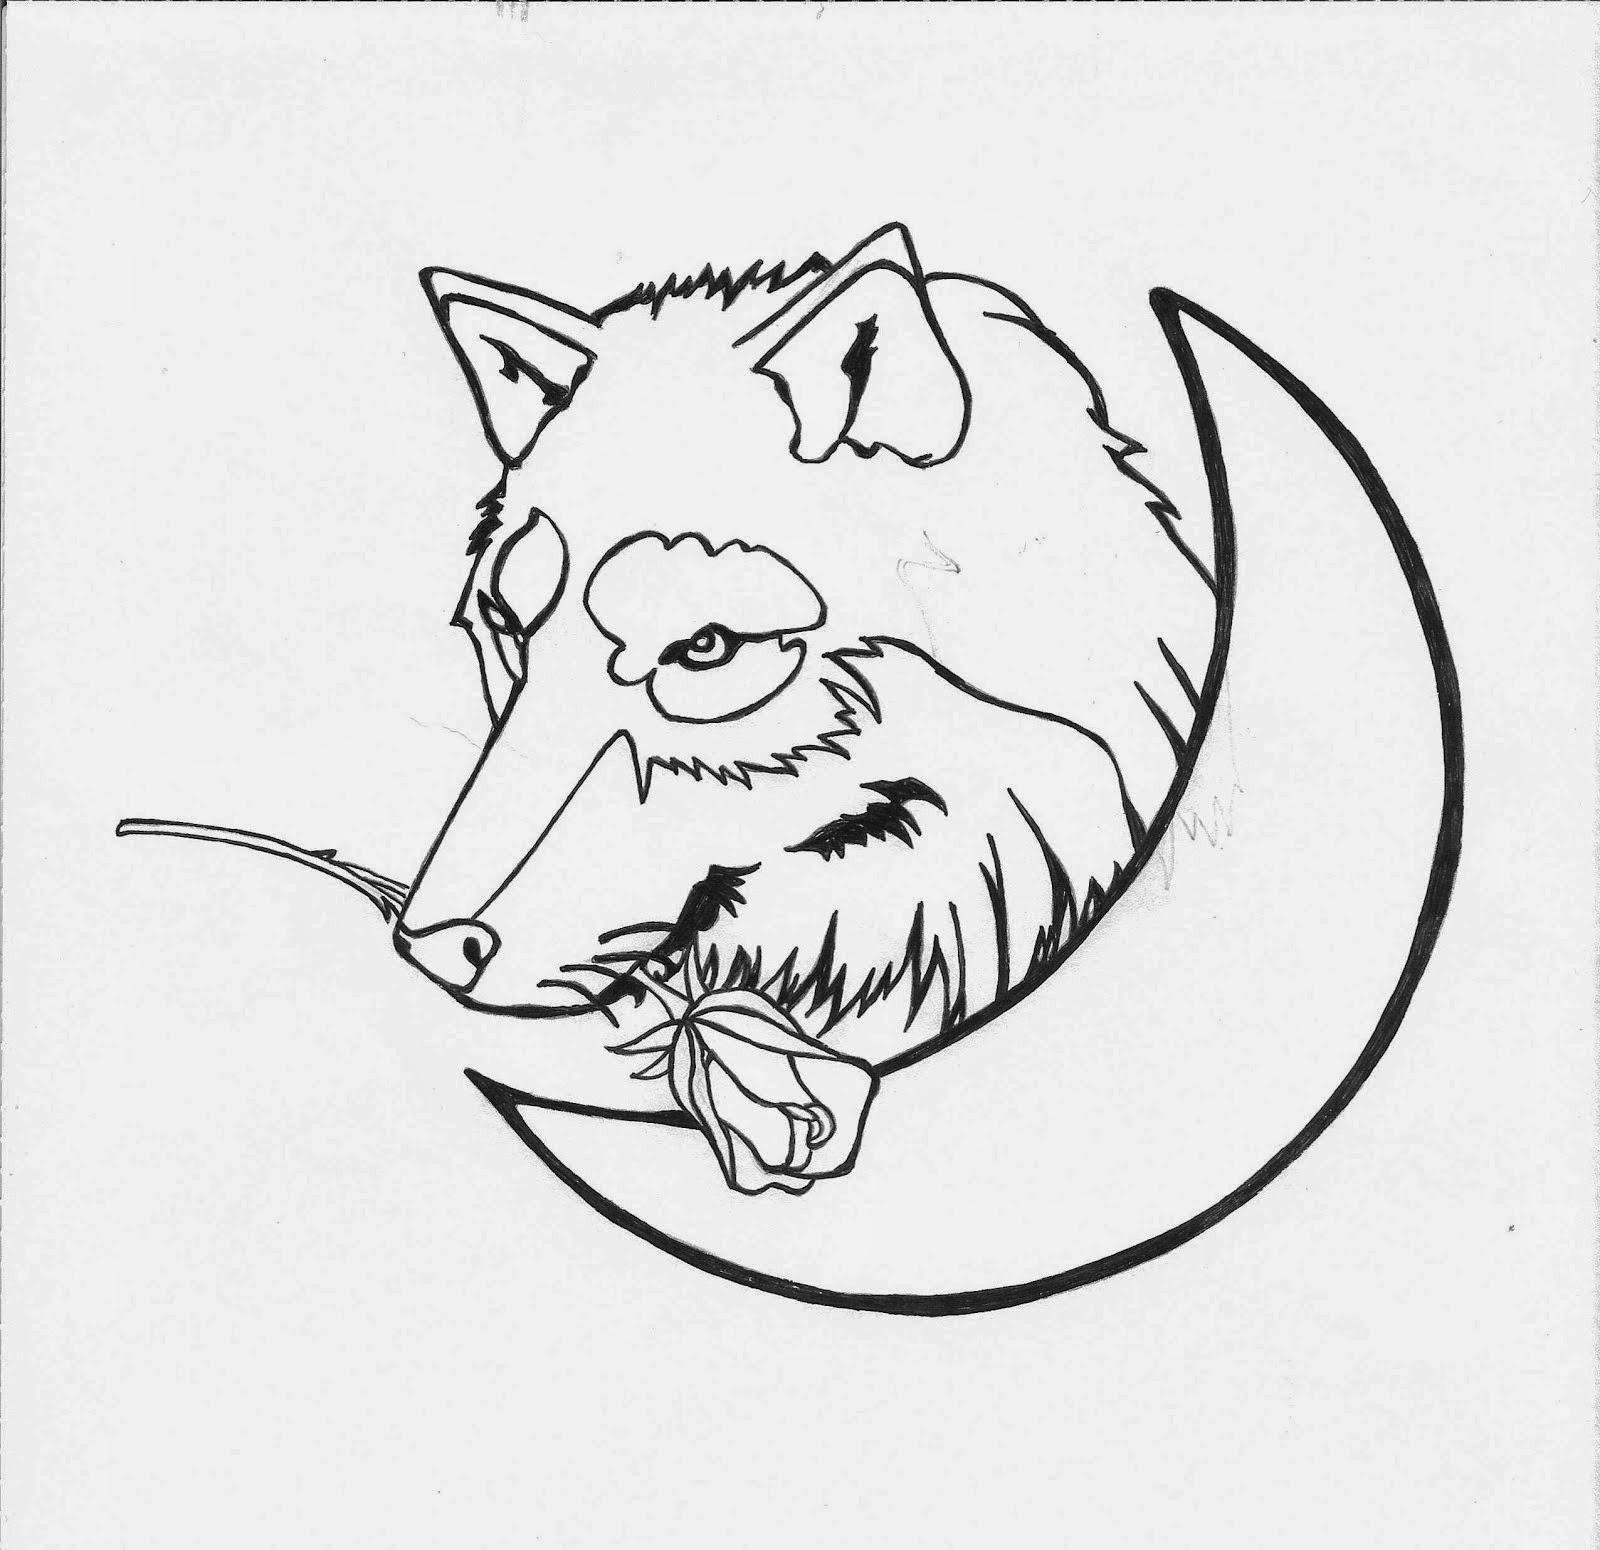 schön ausmalbild wolf kostenlos  top kostenlos färbung